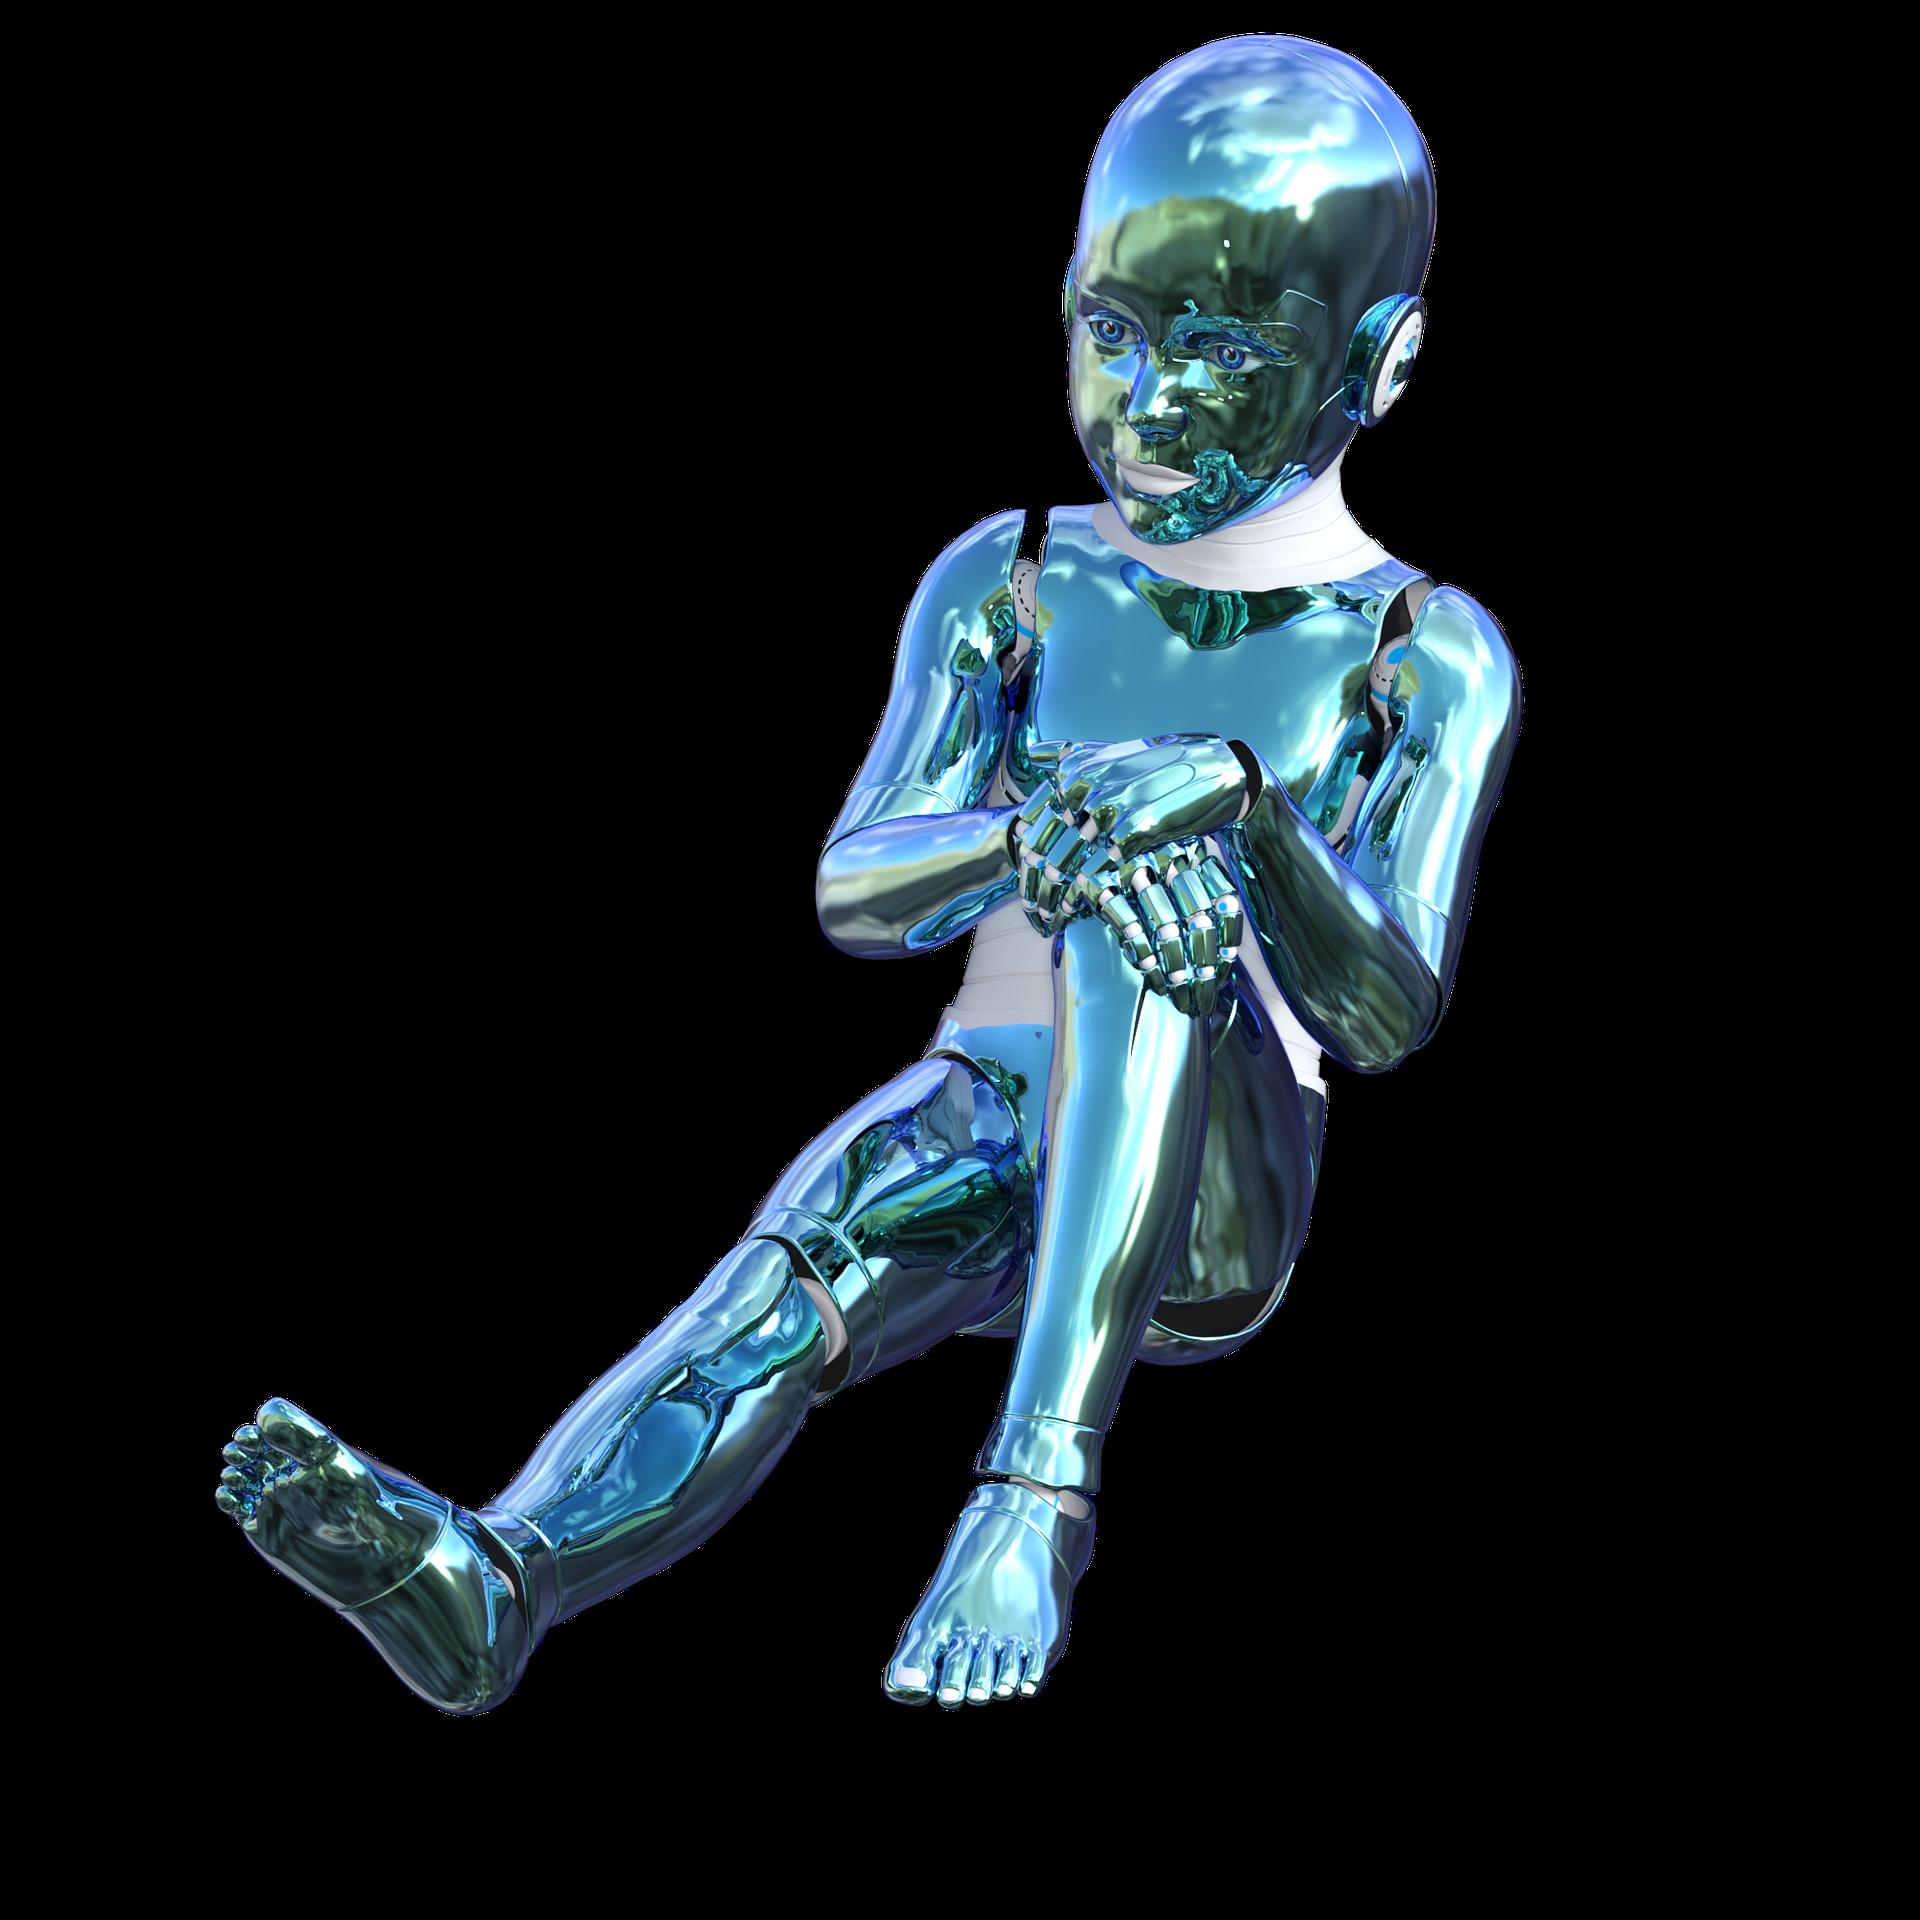 robot-1665620_1920